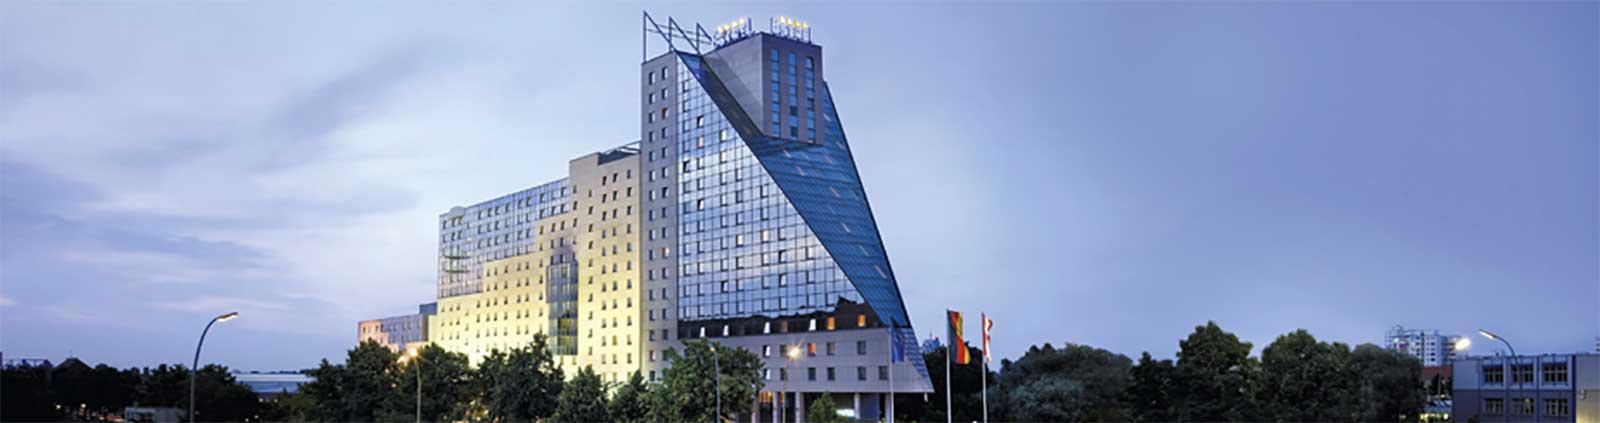 Estrel Hotel